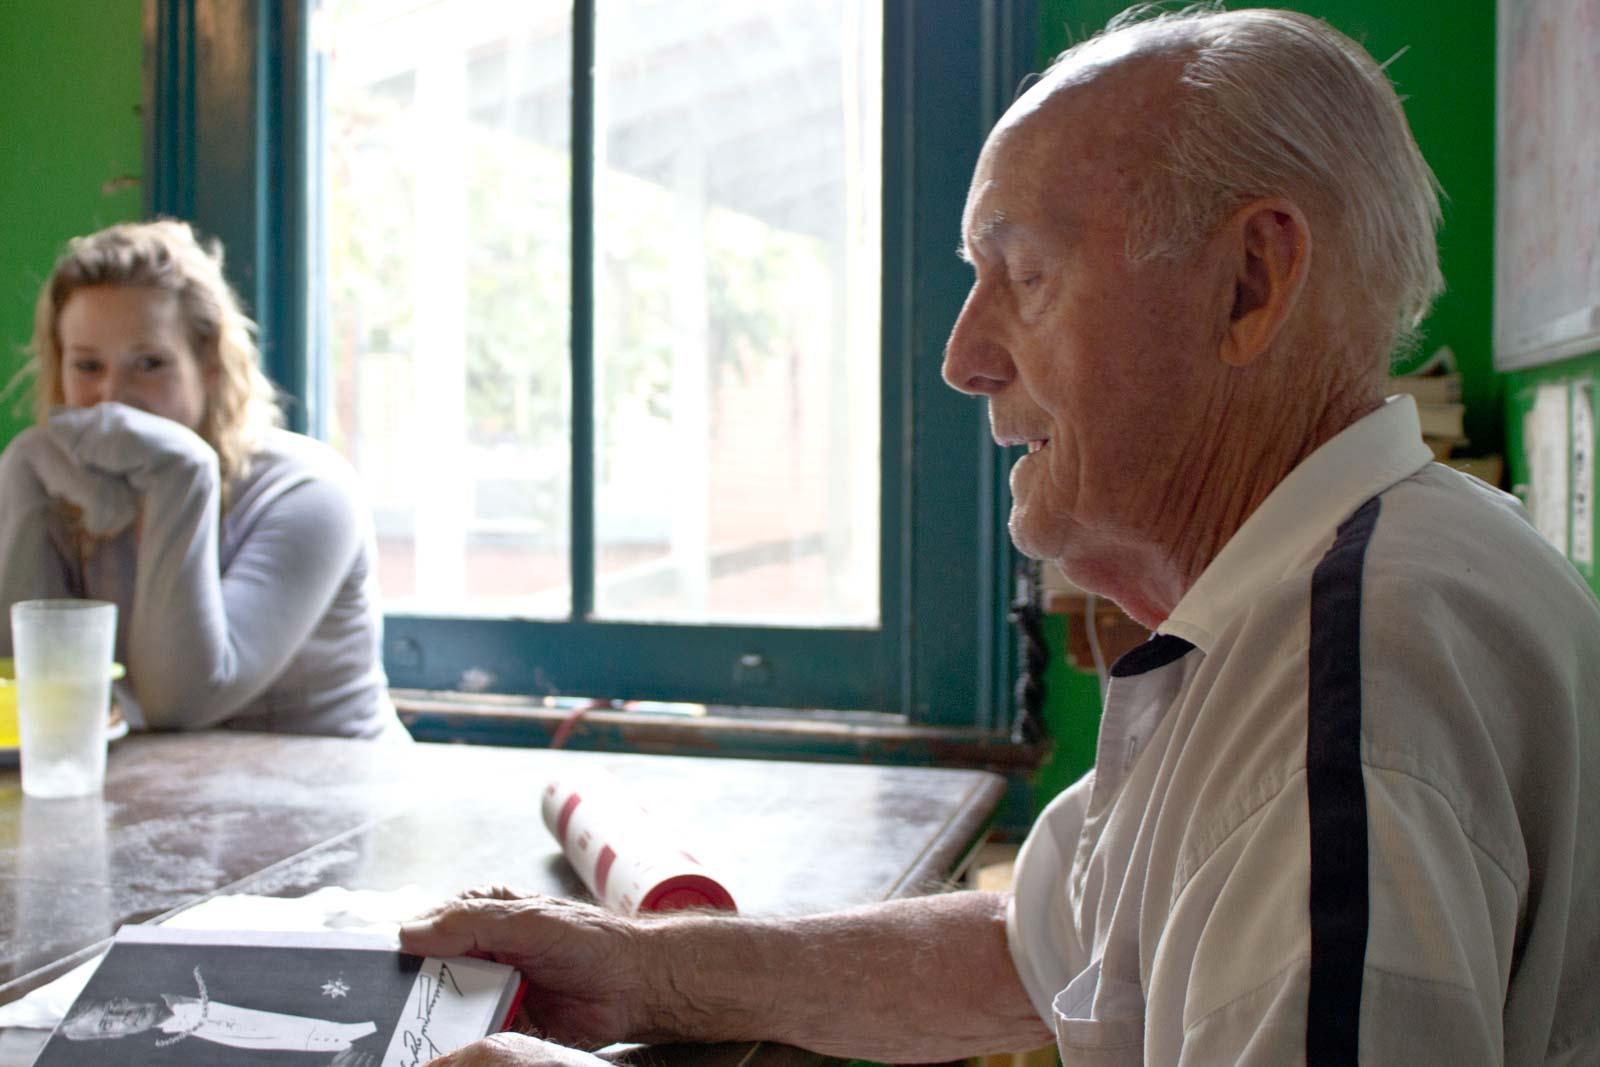 World's oldest backpacker, John Waite